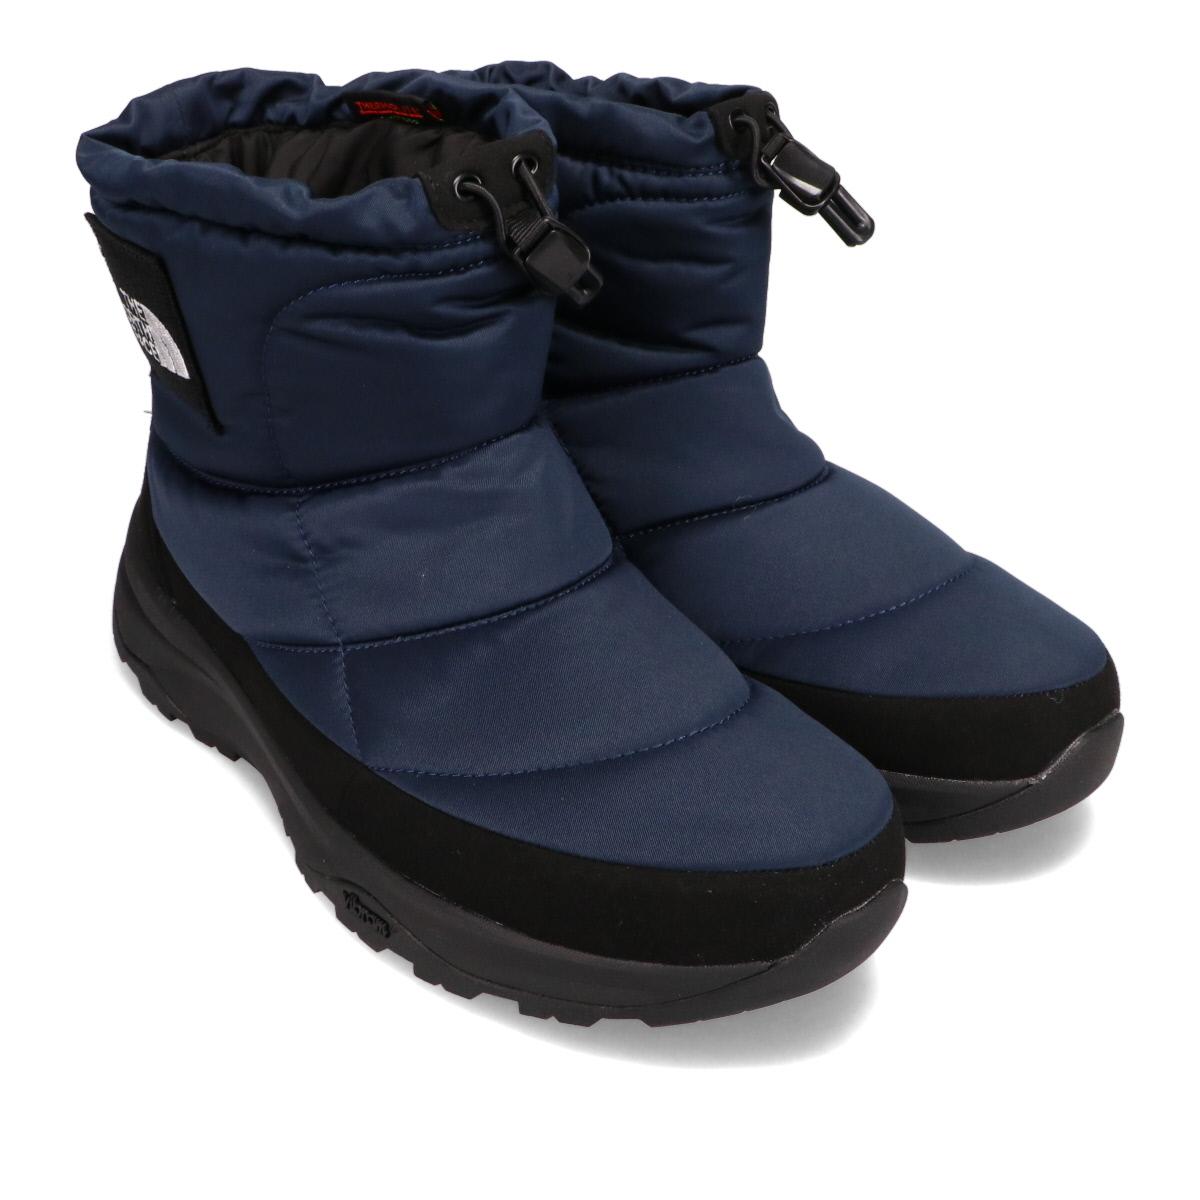 ノースフェイスプリマロフト素材のブーツ